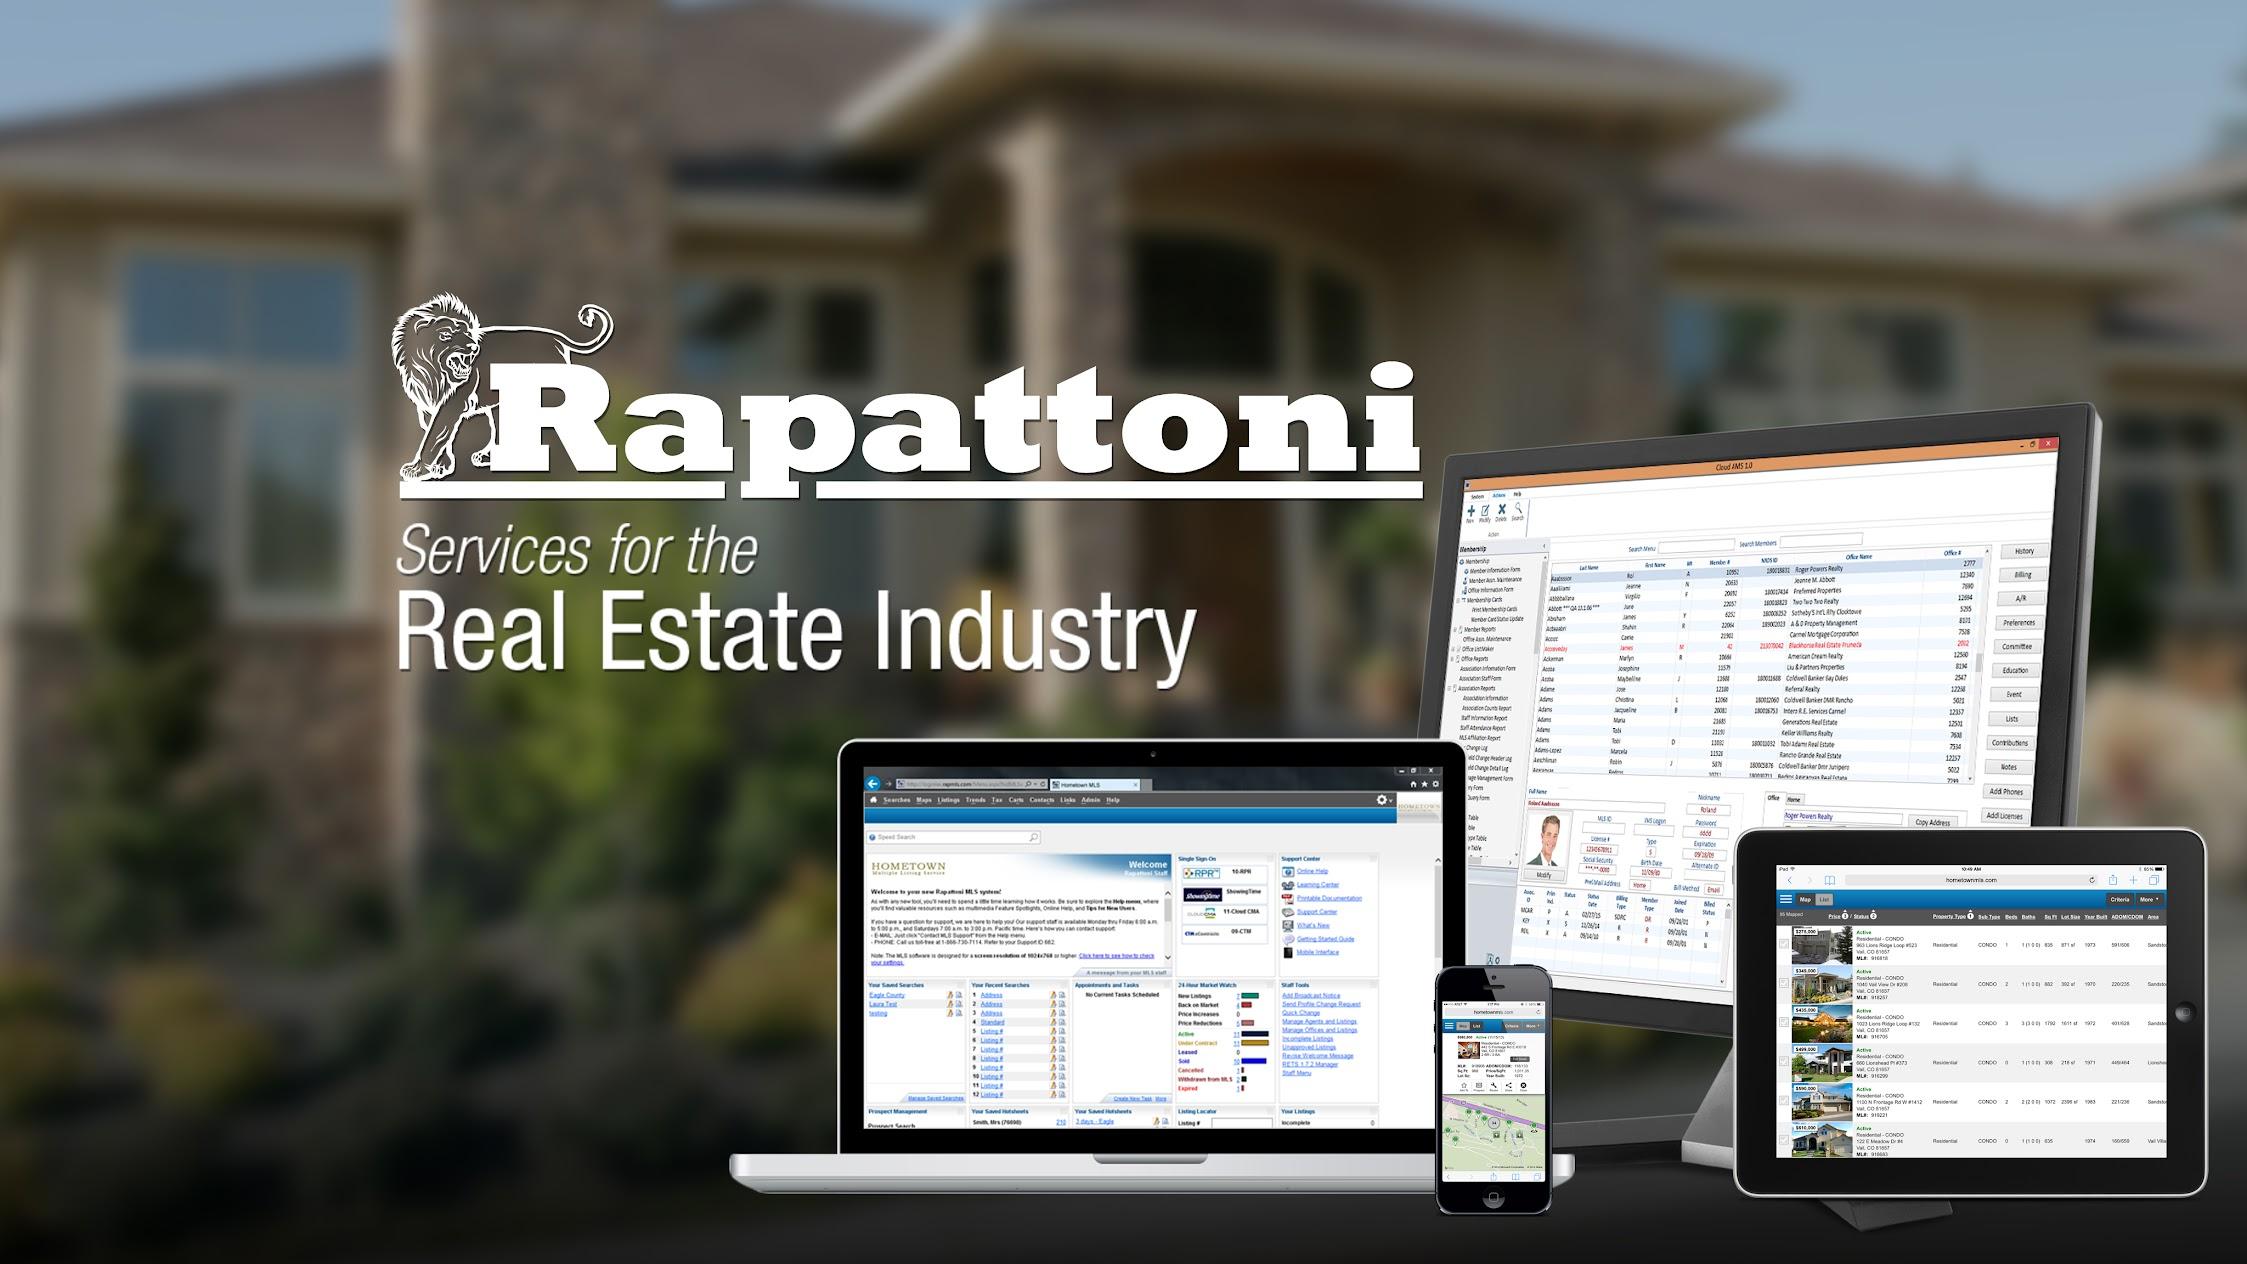 Rapattoni Corporation